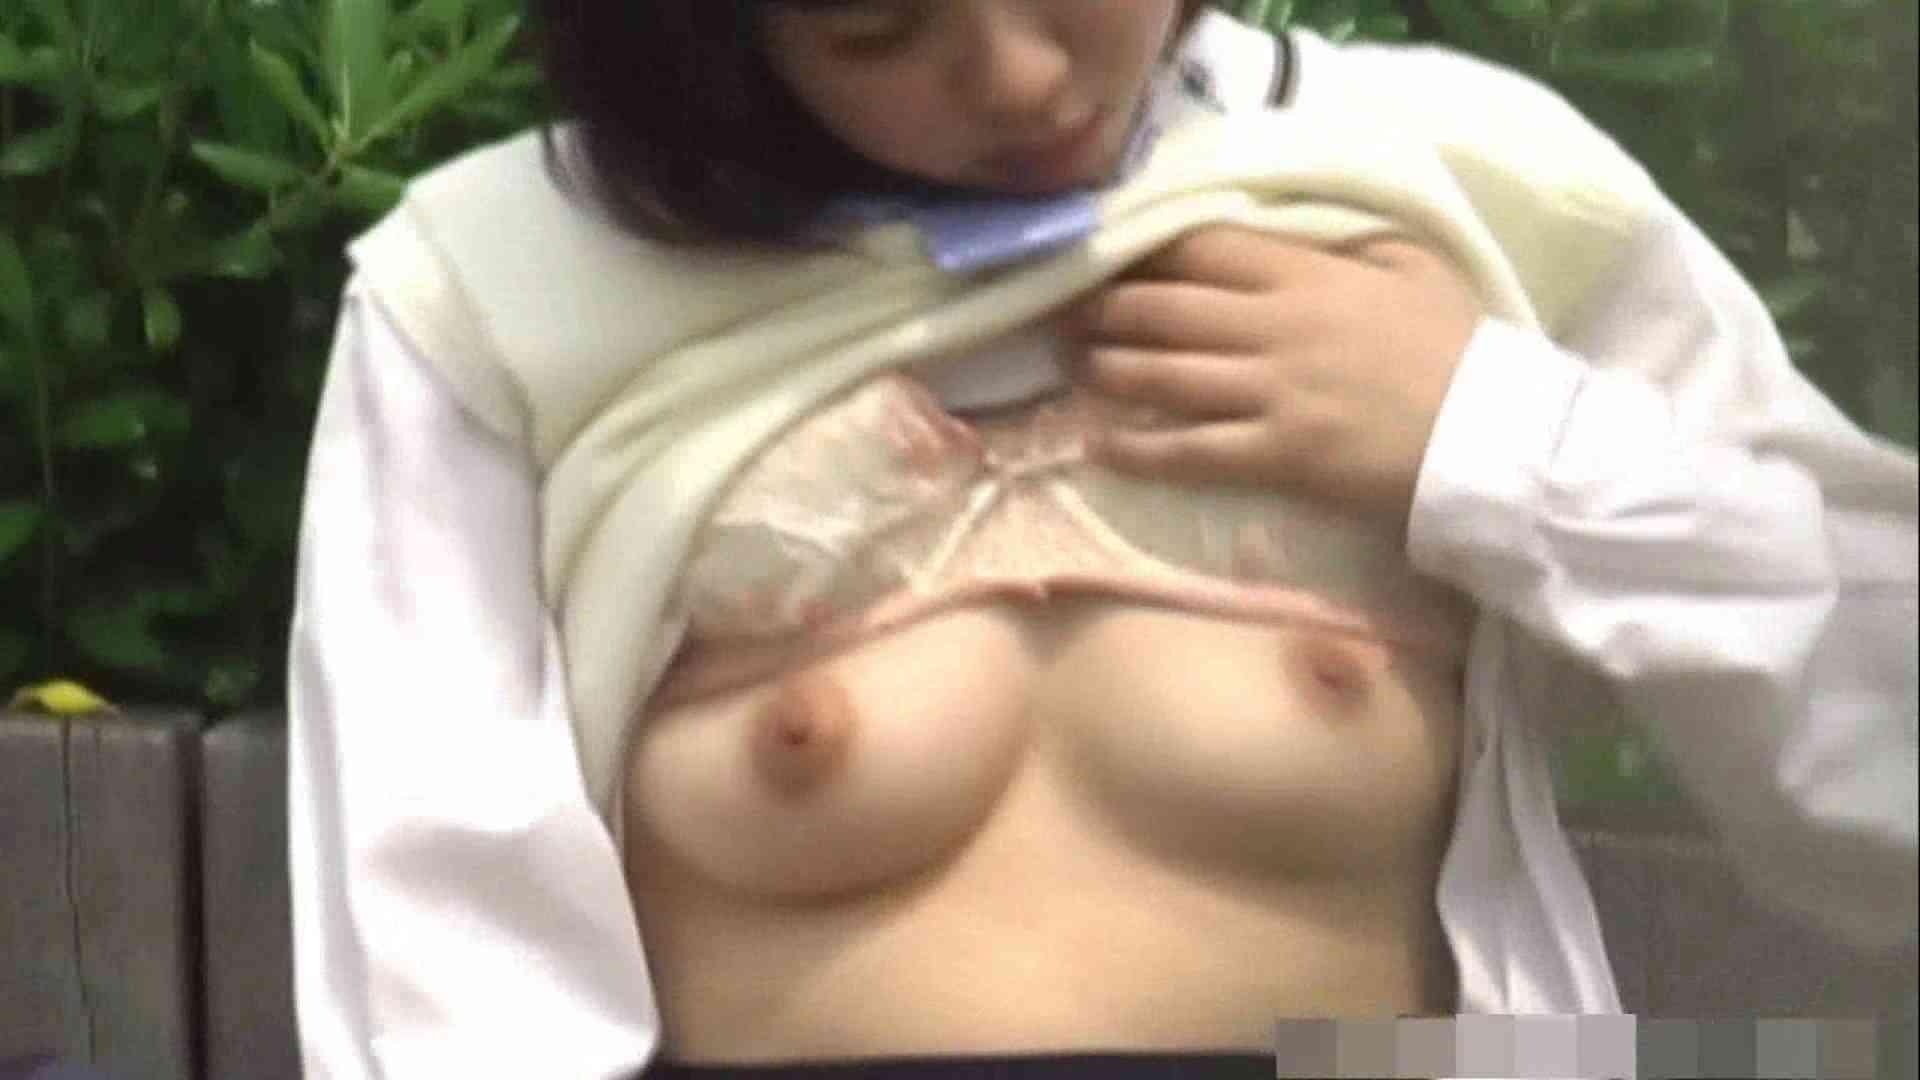 アヘ顔のわたしってどうかしら Vol.043 乙女 オメコ動画キャプチャ 61pic 38